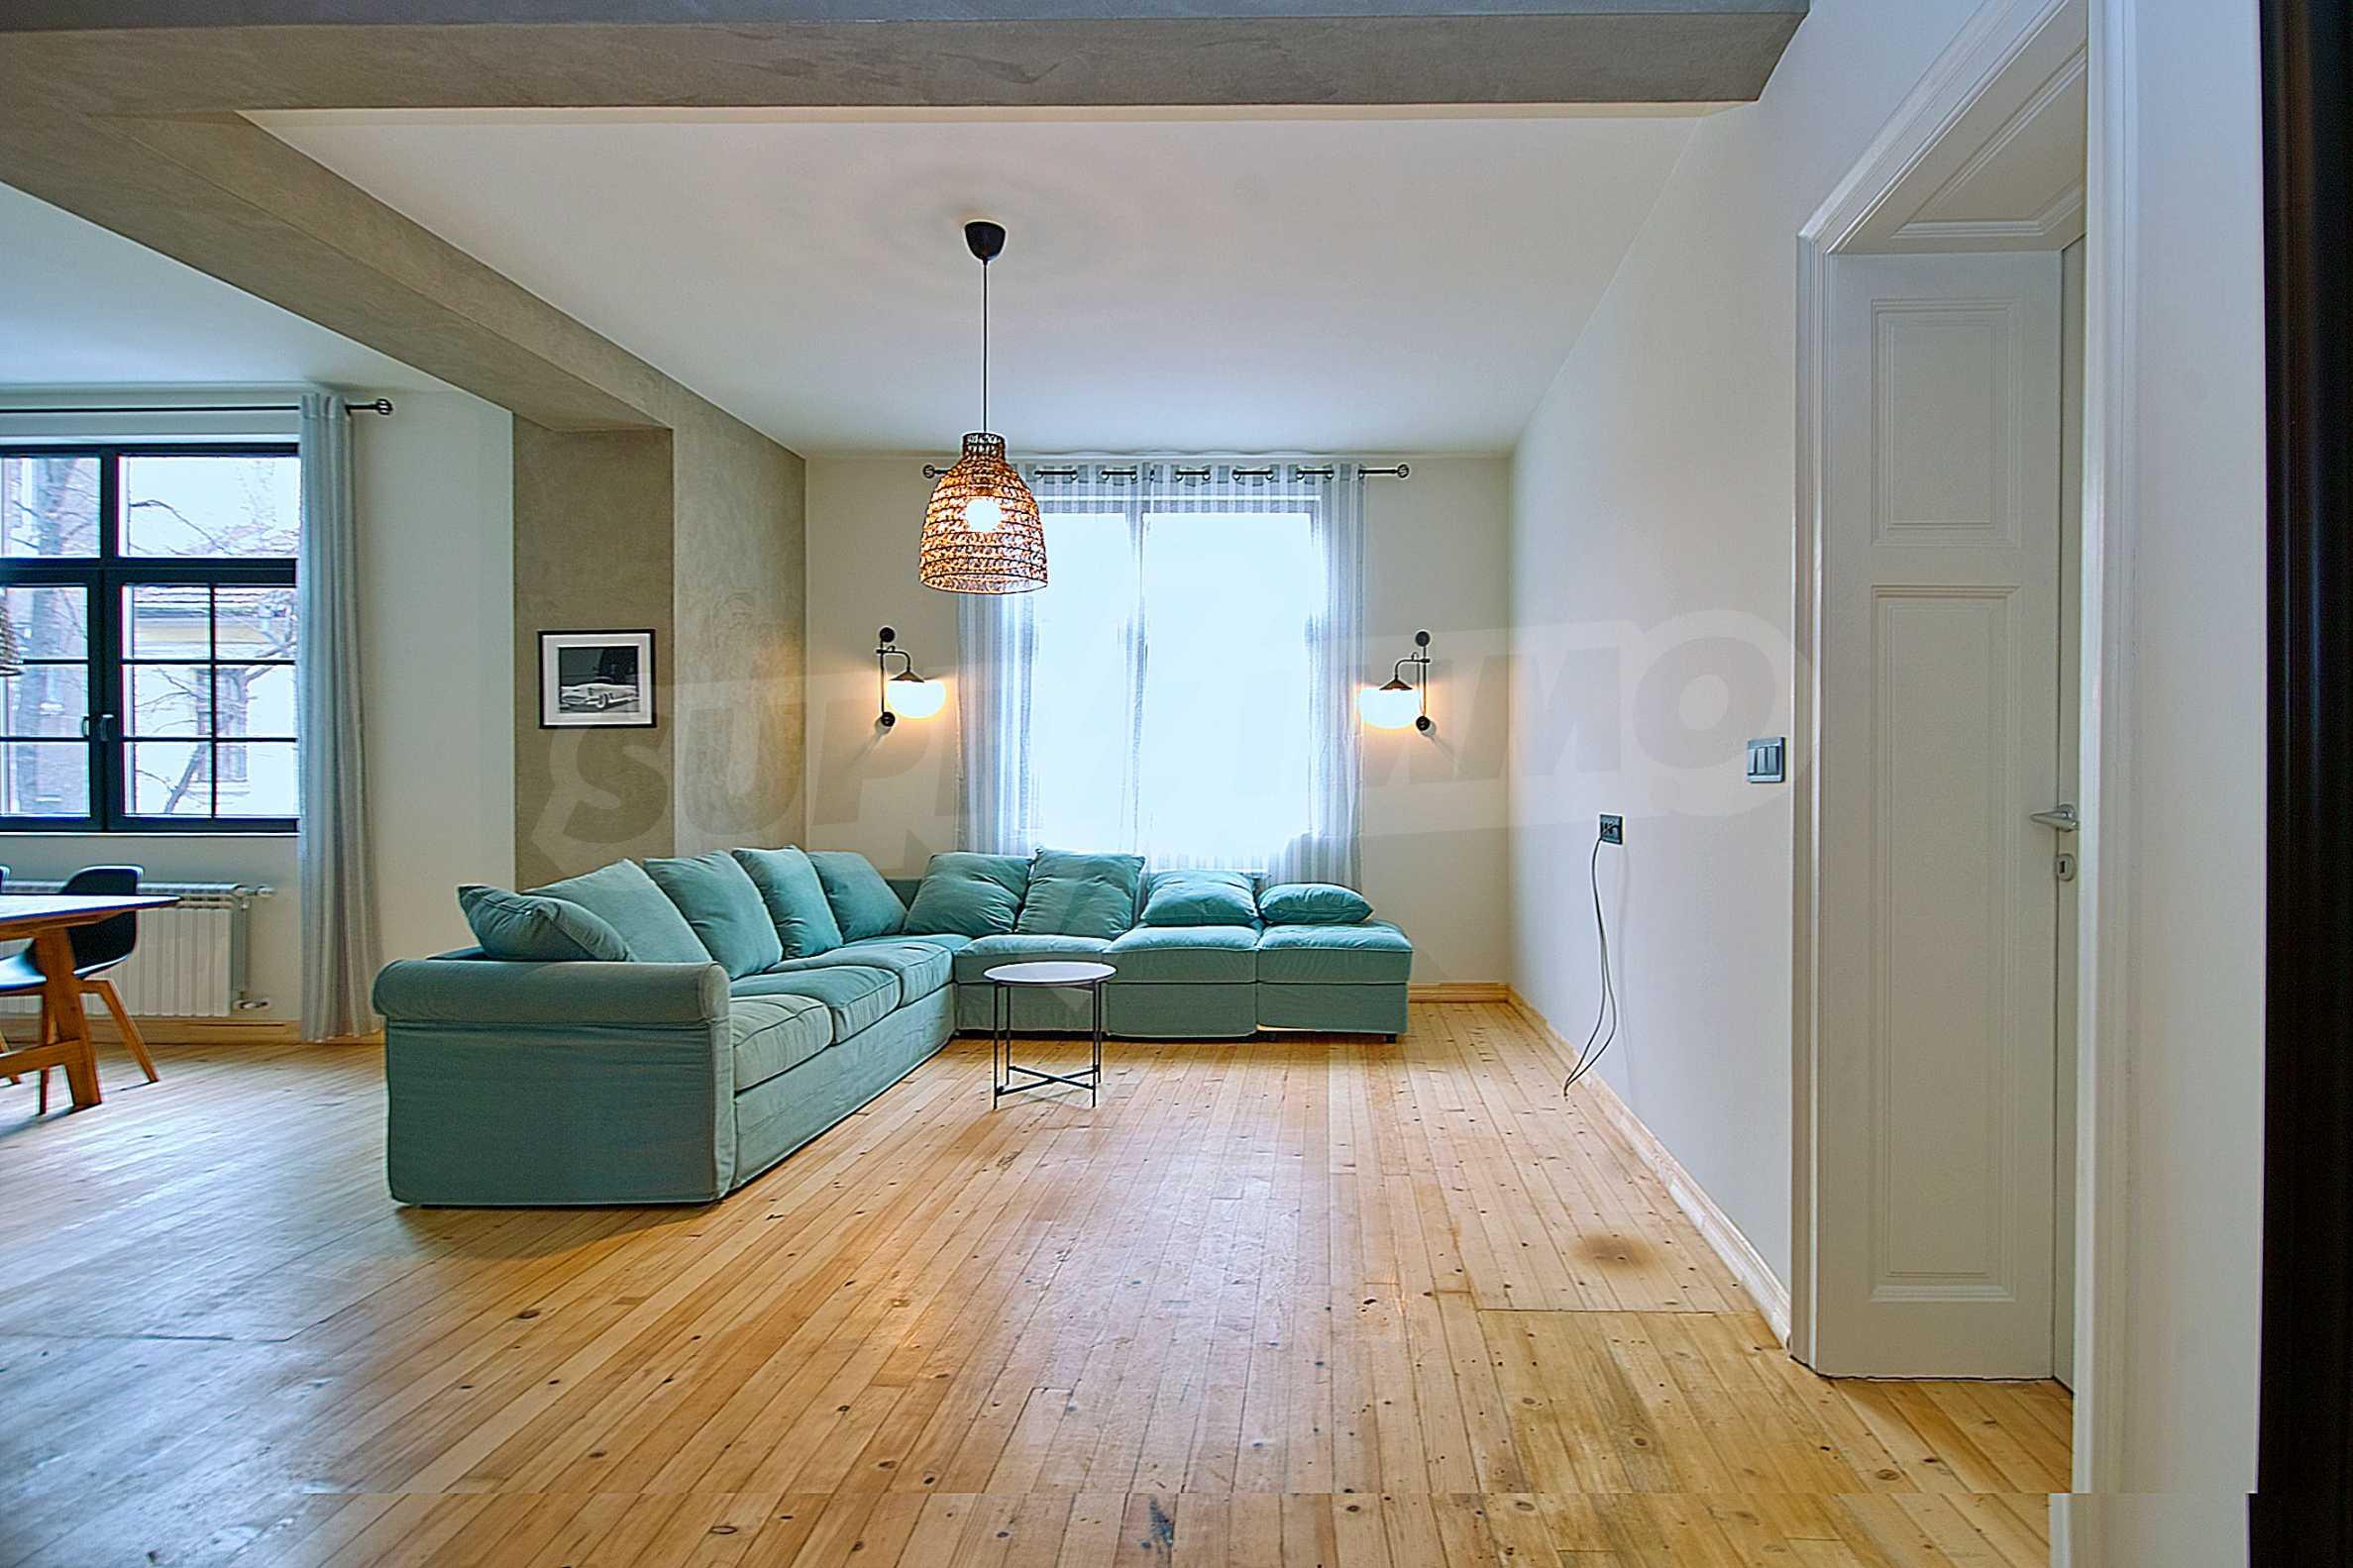 Möblierte Wohnung mit zwei Schlafzimmern in der Mitte 18